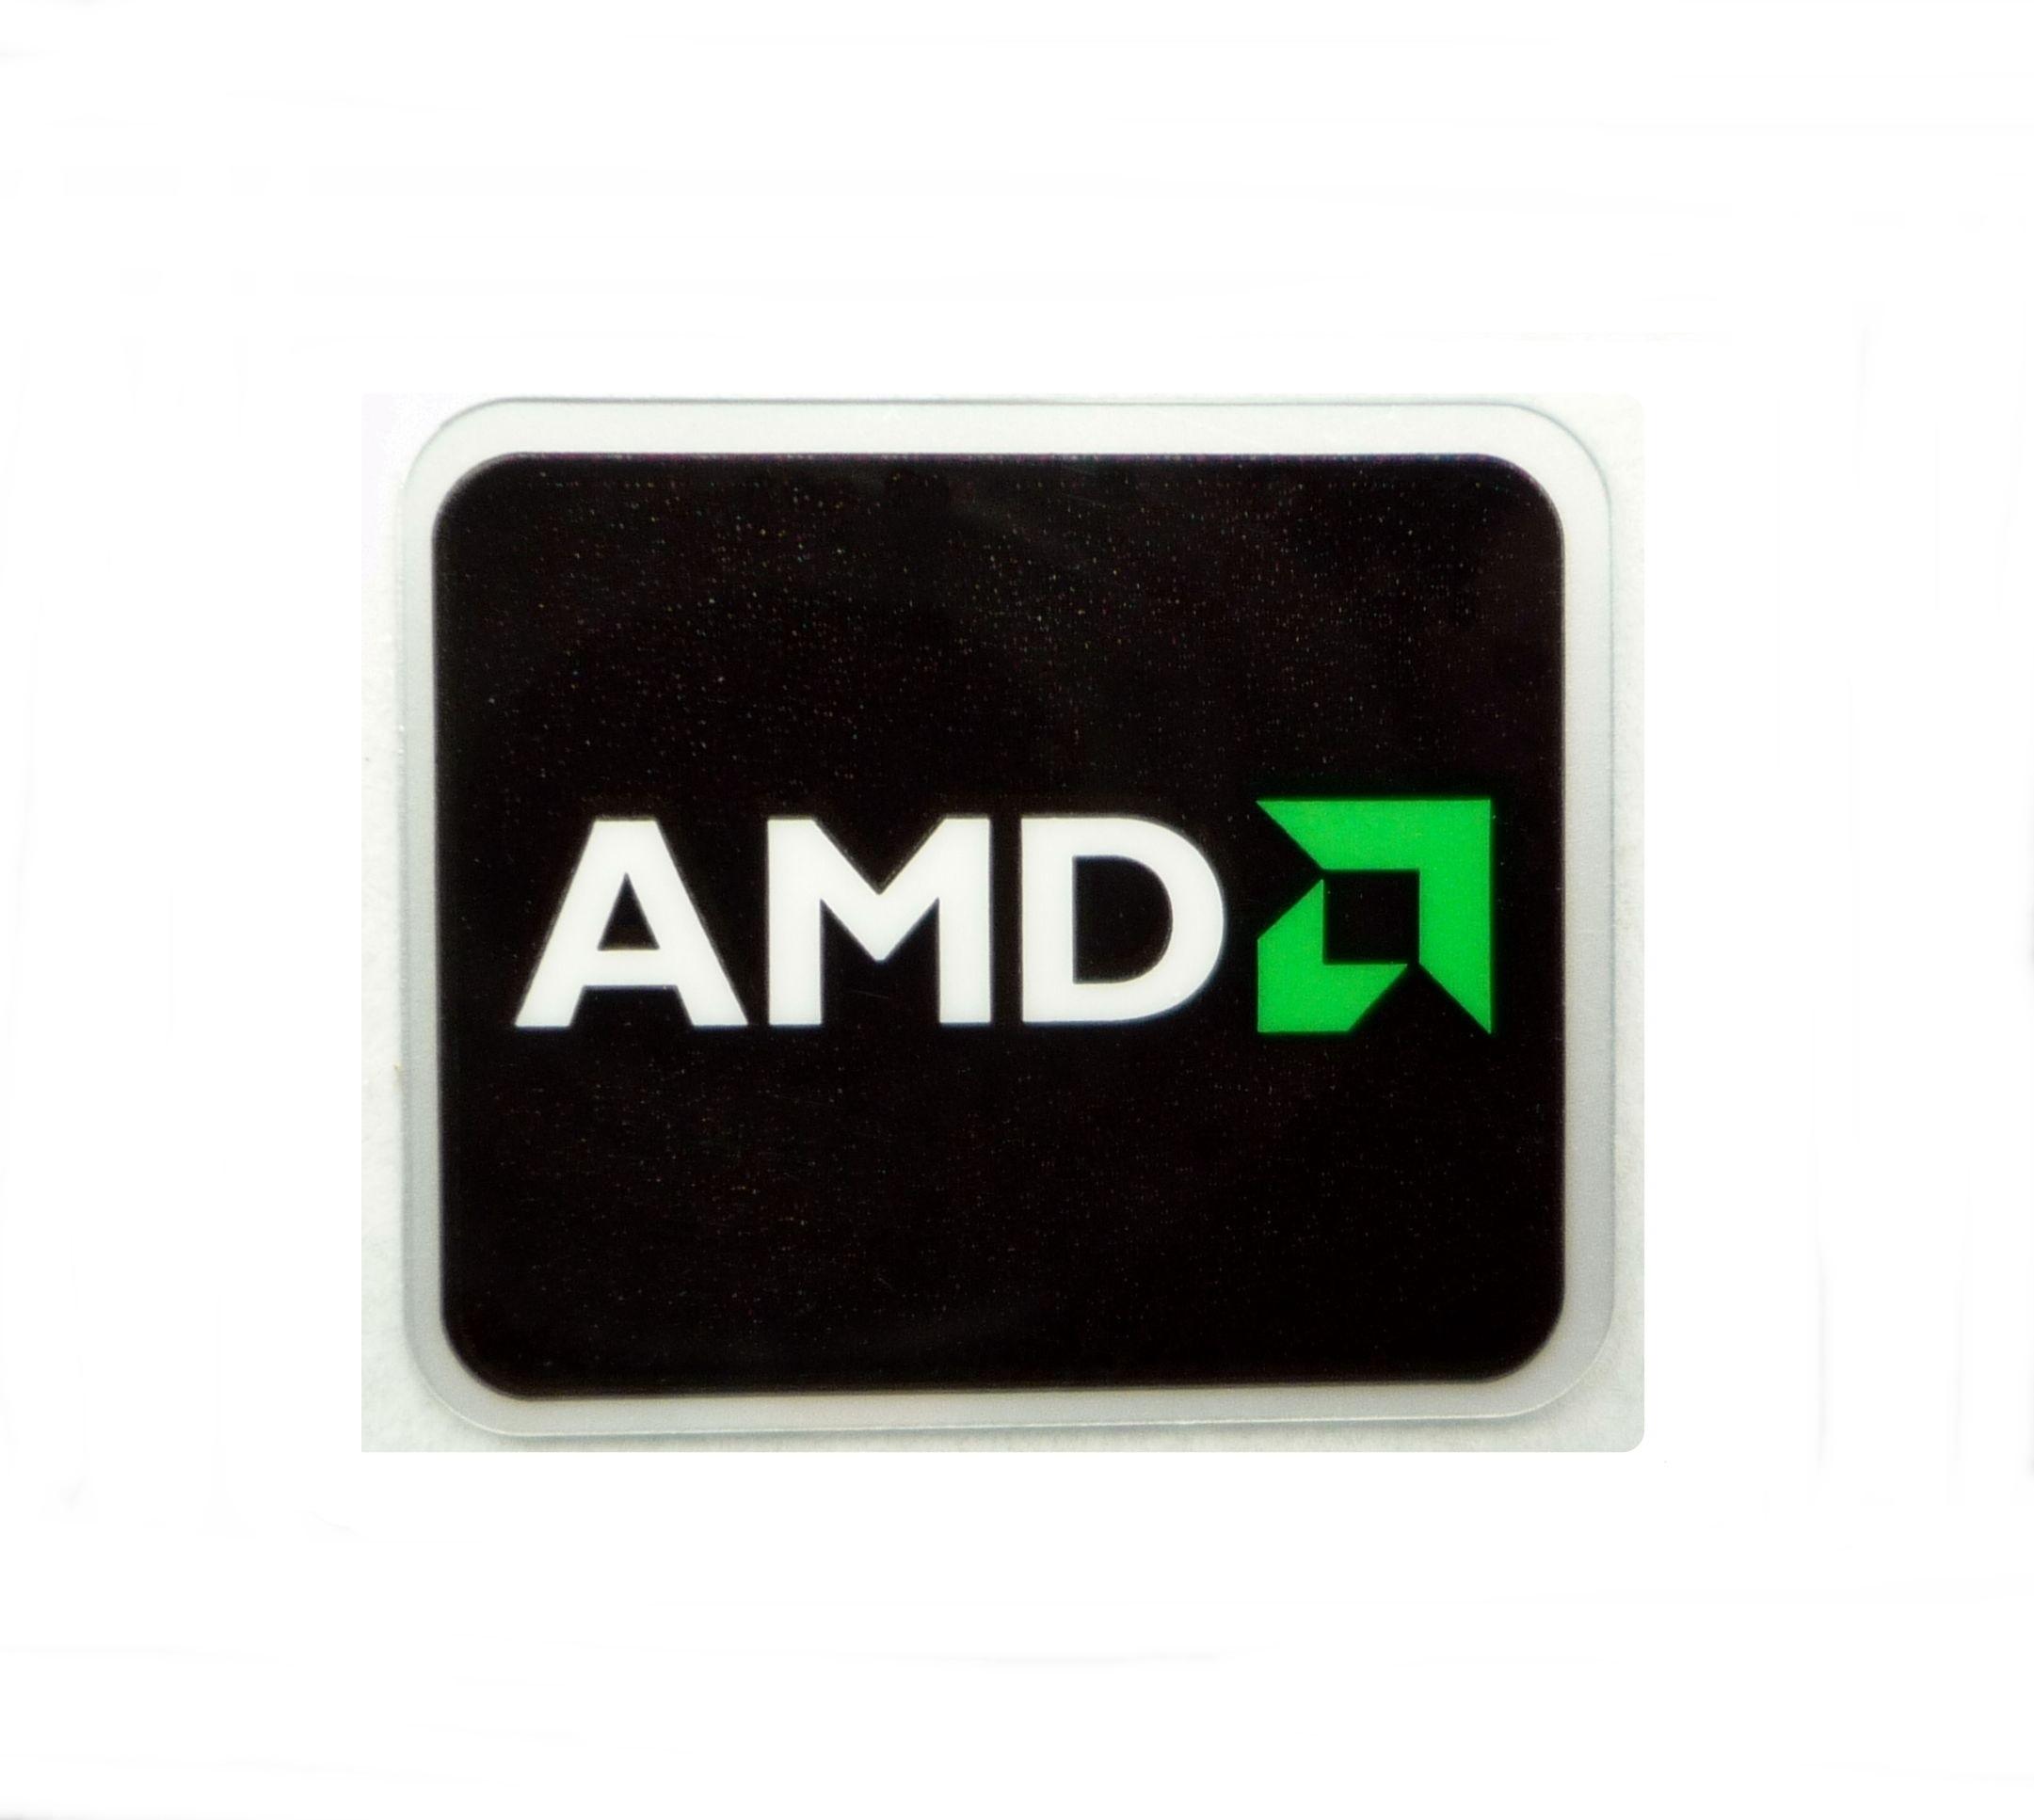 Купить 008 НАКЛЕЙКА AMD 19X16MM на Eurozakup - цены и фото - доставка из Польши и стран Европы в Украину.